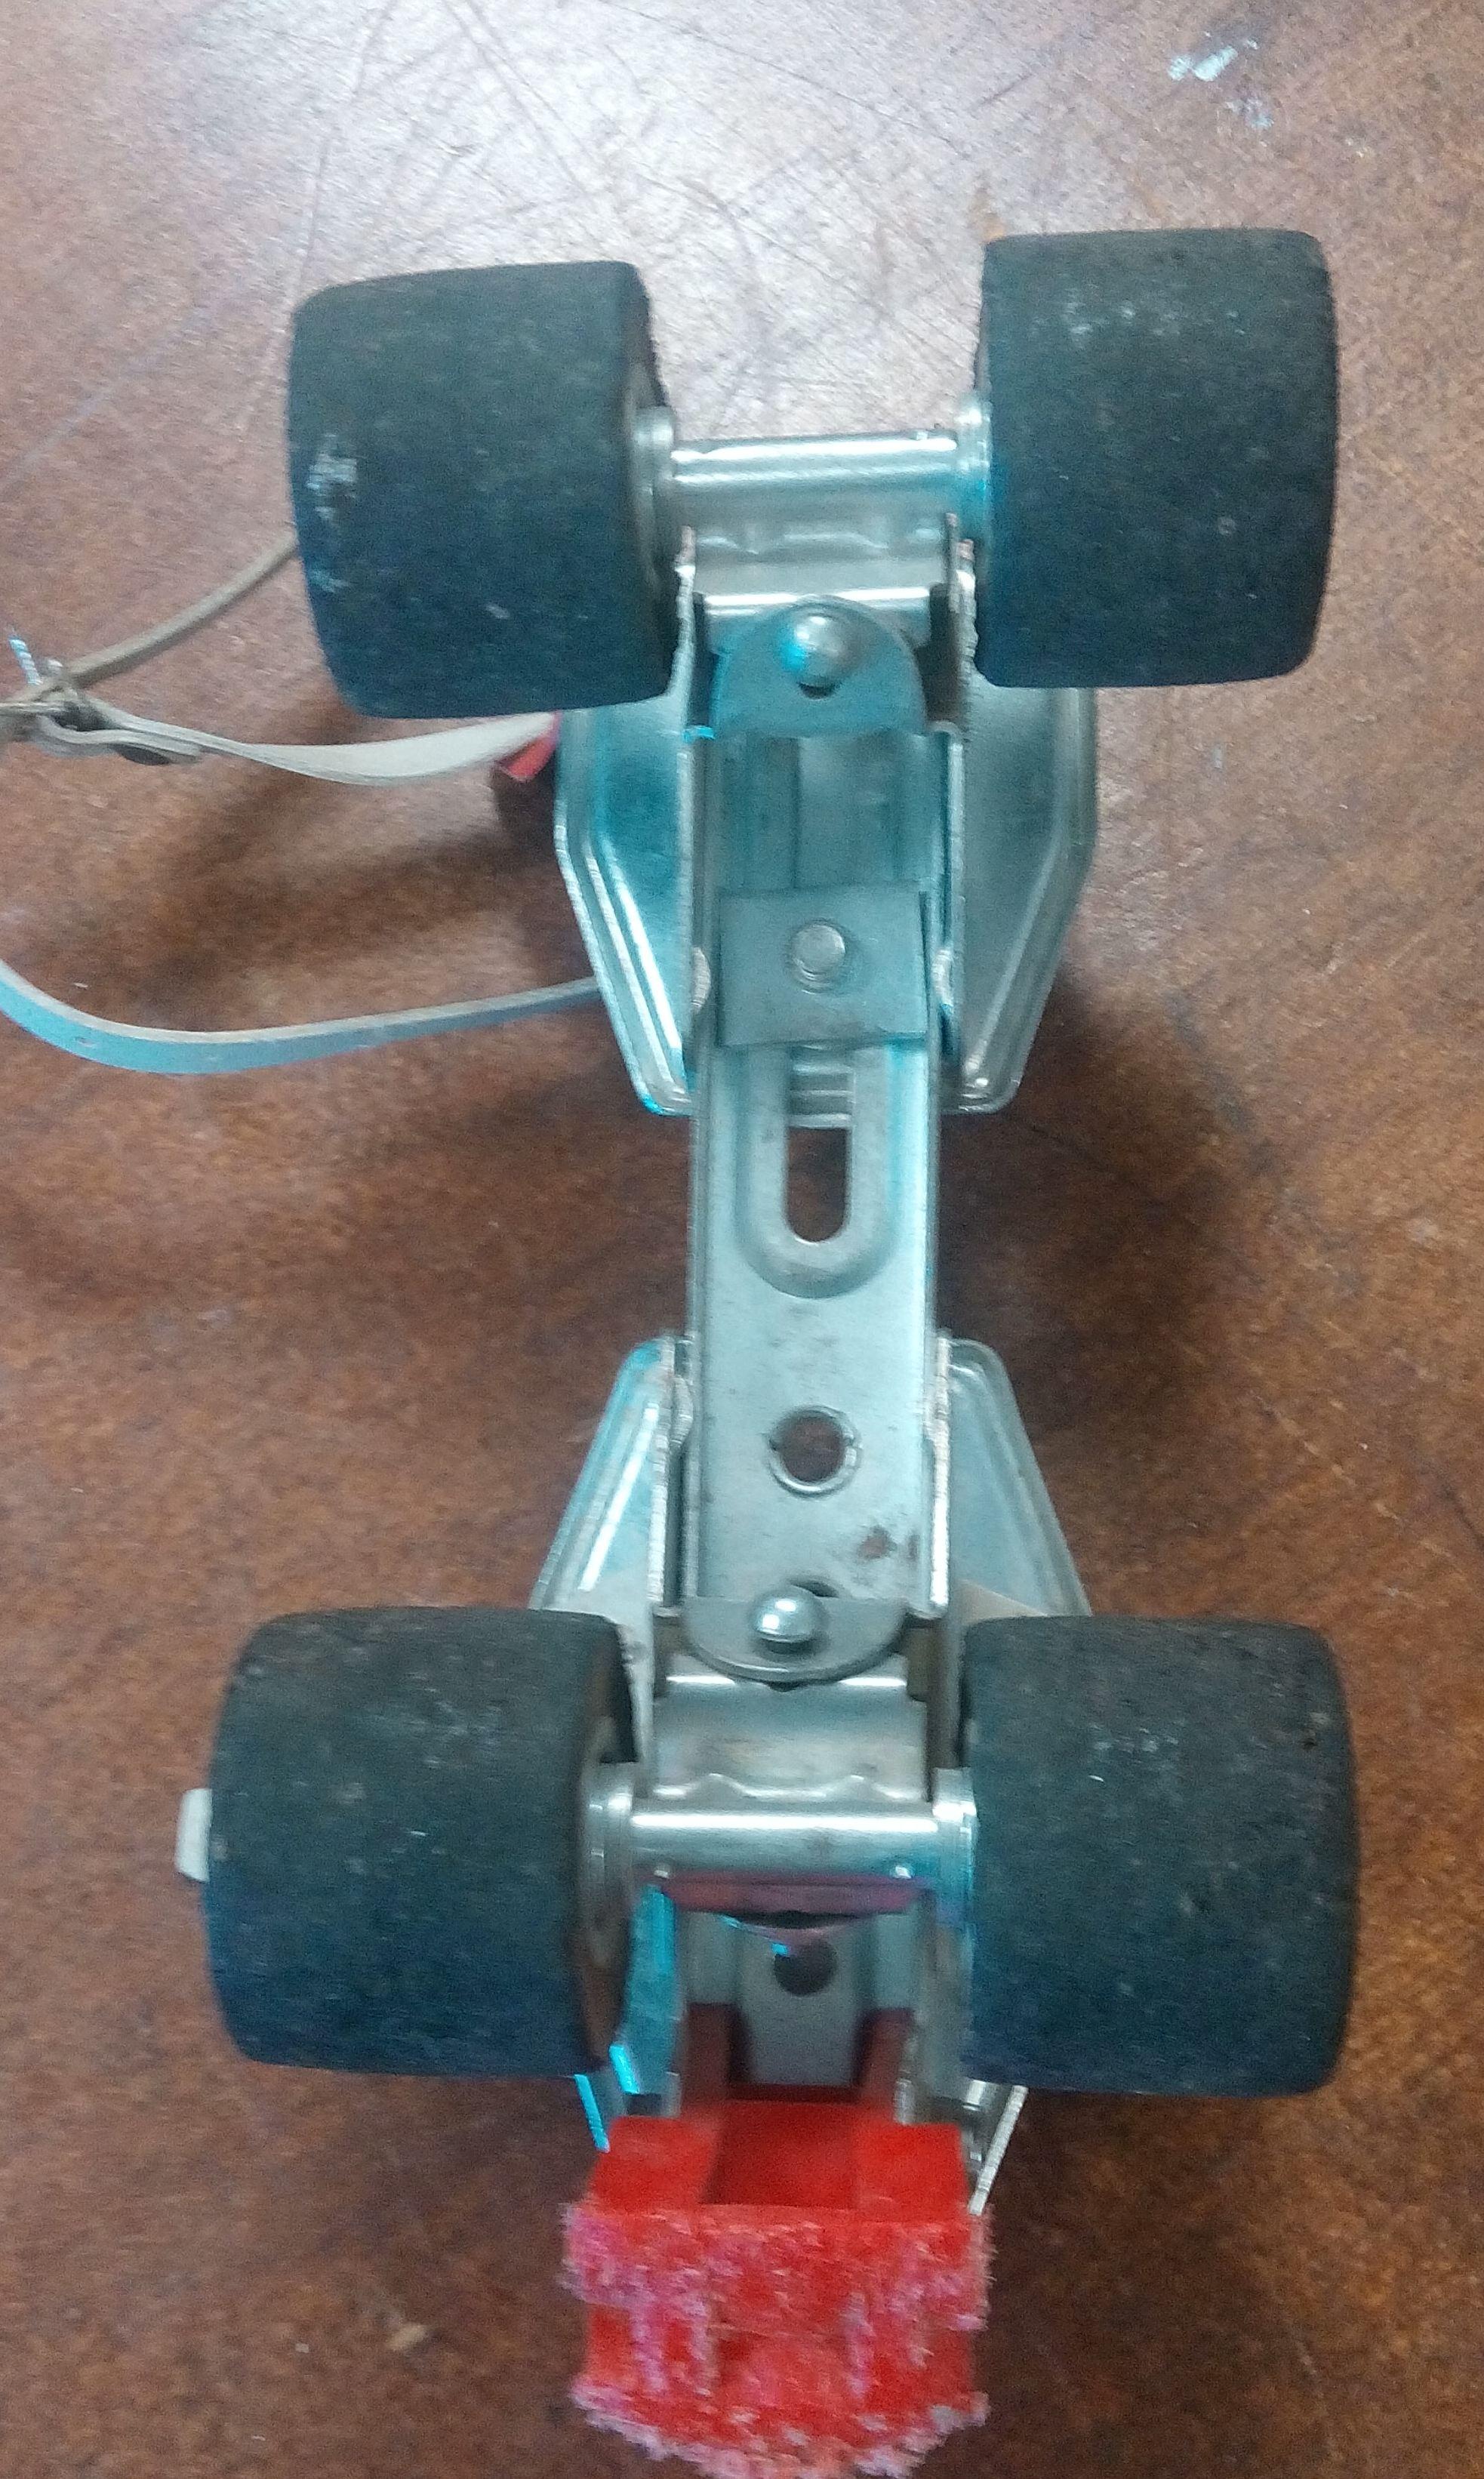 Formule 1 en bois partir d un vieux patins roulettes IMG 20161103 152801 1 .jpg